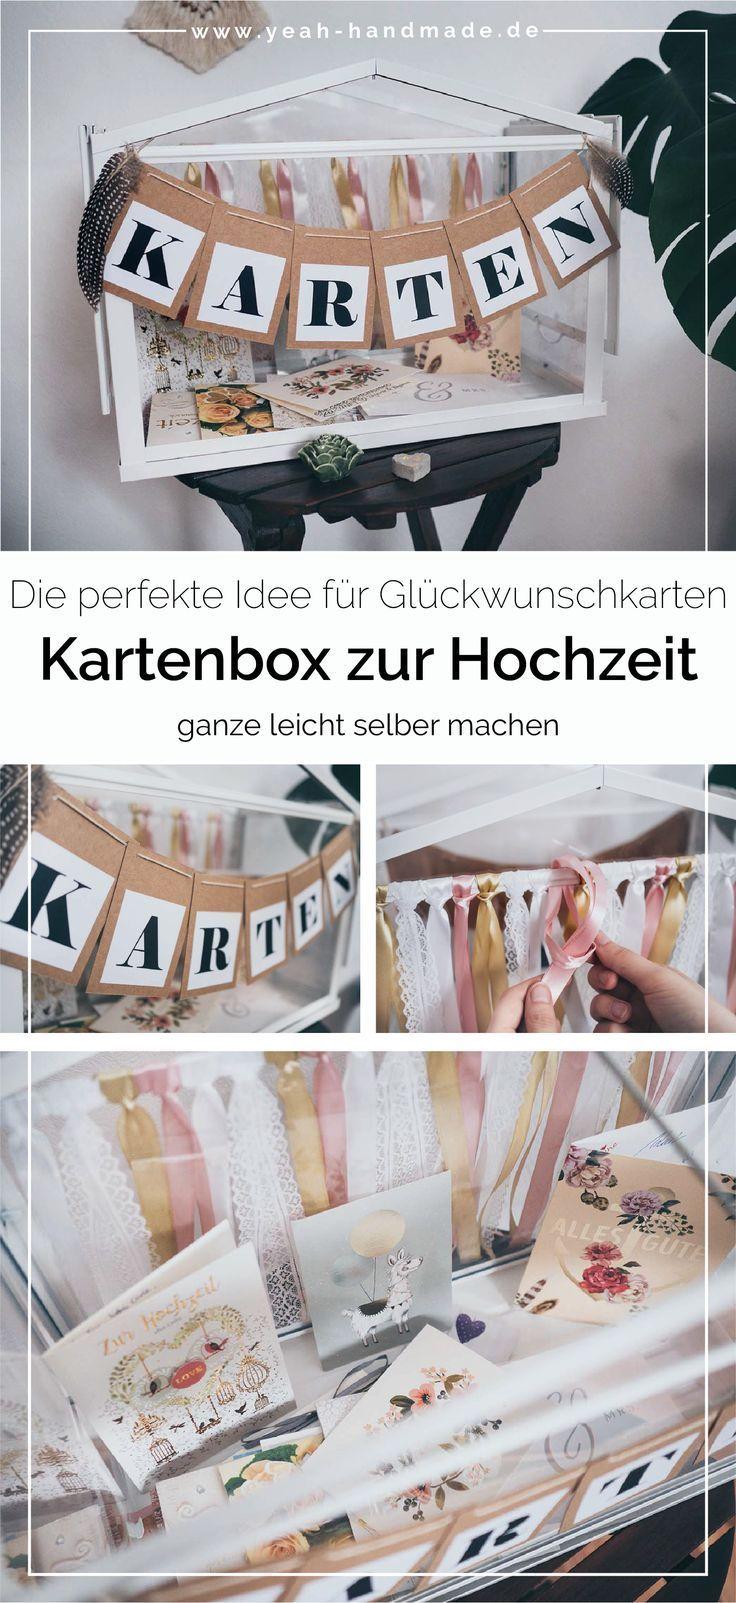 Photo of DIY Kartenbox zur Hochzeit selber machen • Yeah Handmade